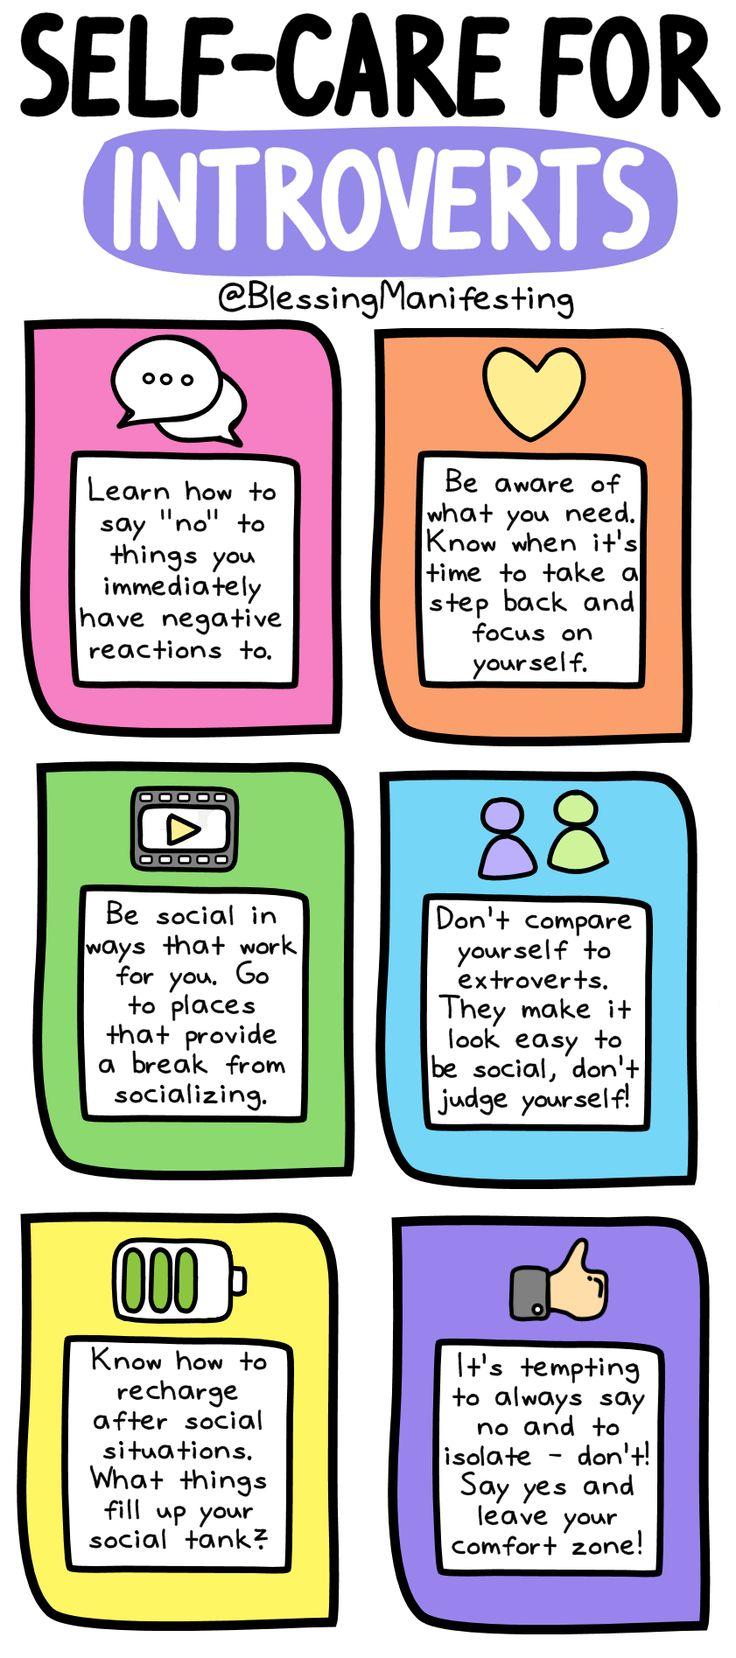 Selbstpflege für Introvertierte: Wie laden Sie auf? – Segen manifestiert sich #introvertiert …   – Blog | Blessing Manifesting